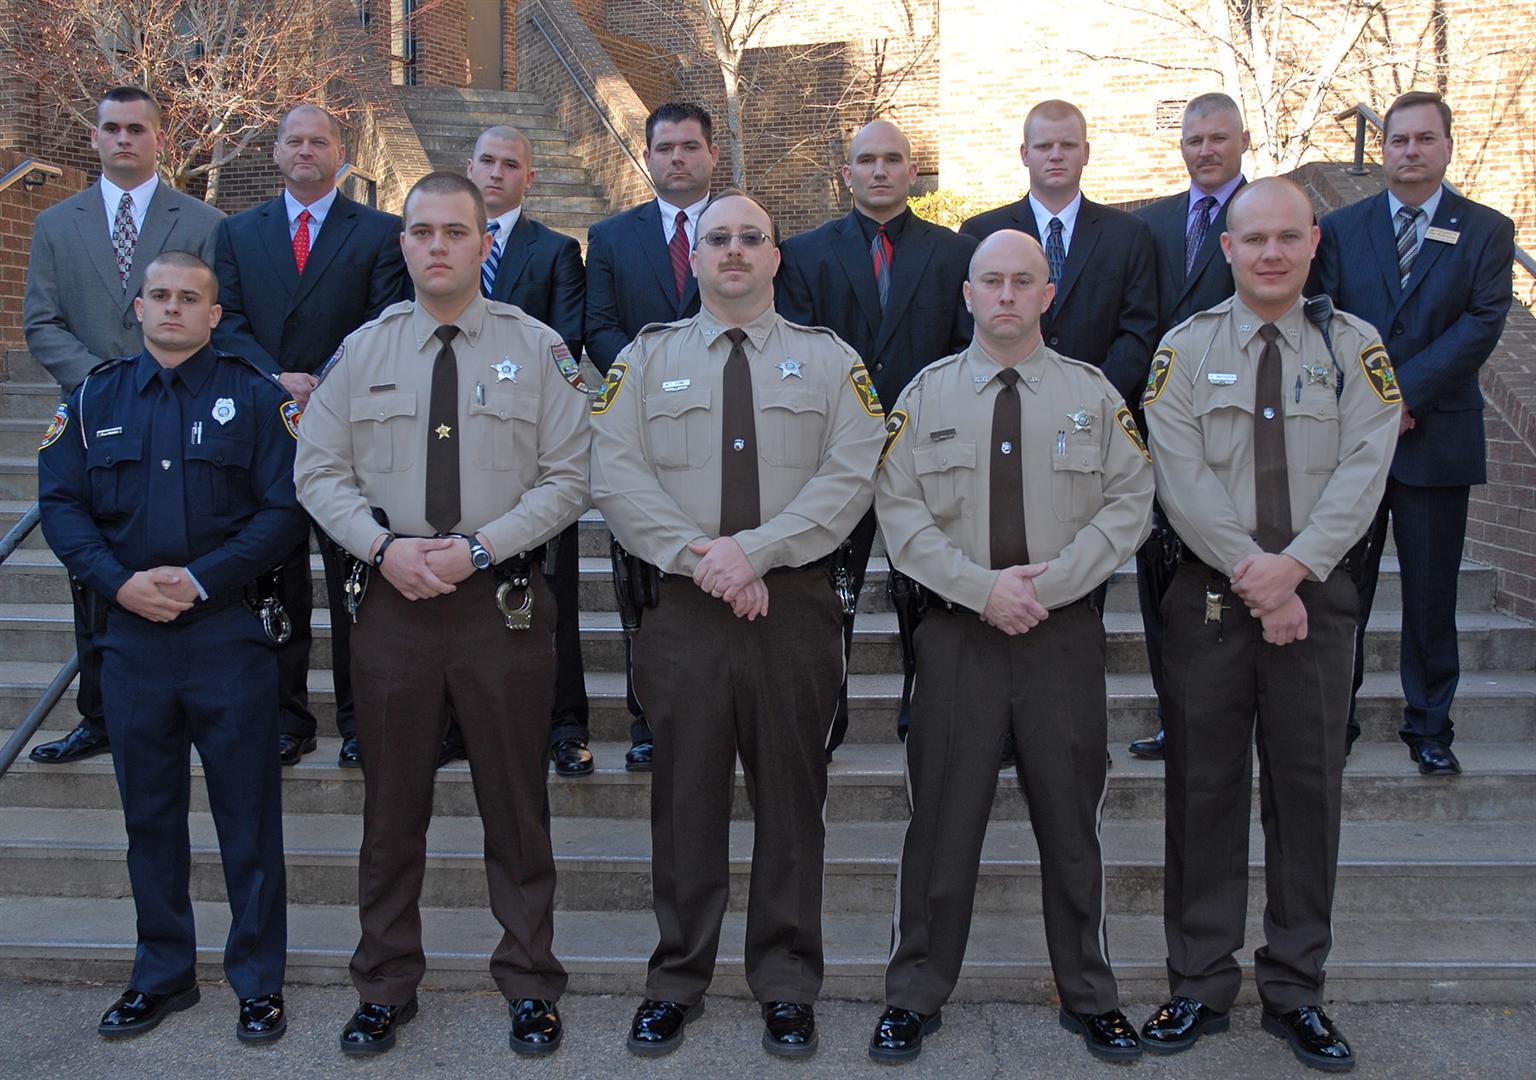 Vgcc Graduates 12 Law Enforcement Cadets In Schools 93rd Blet Class